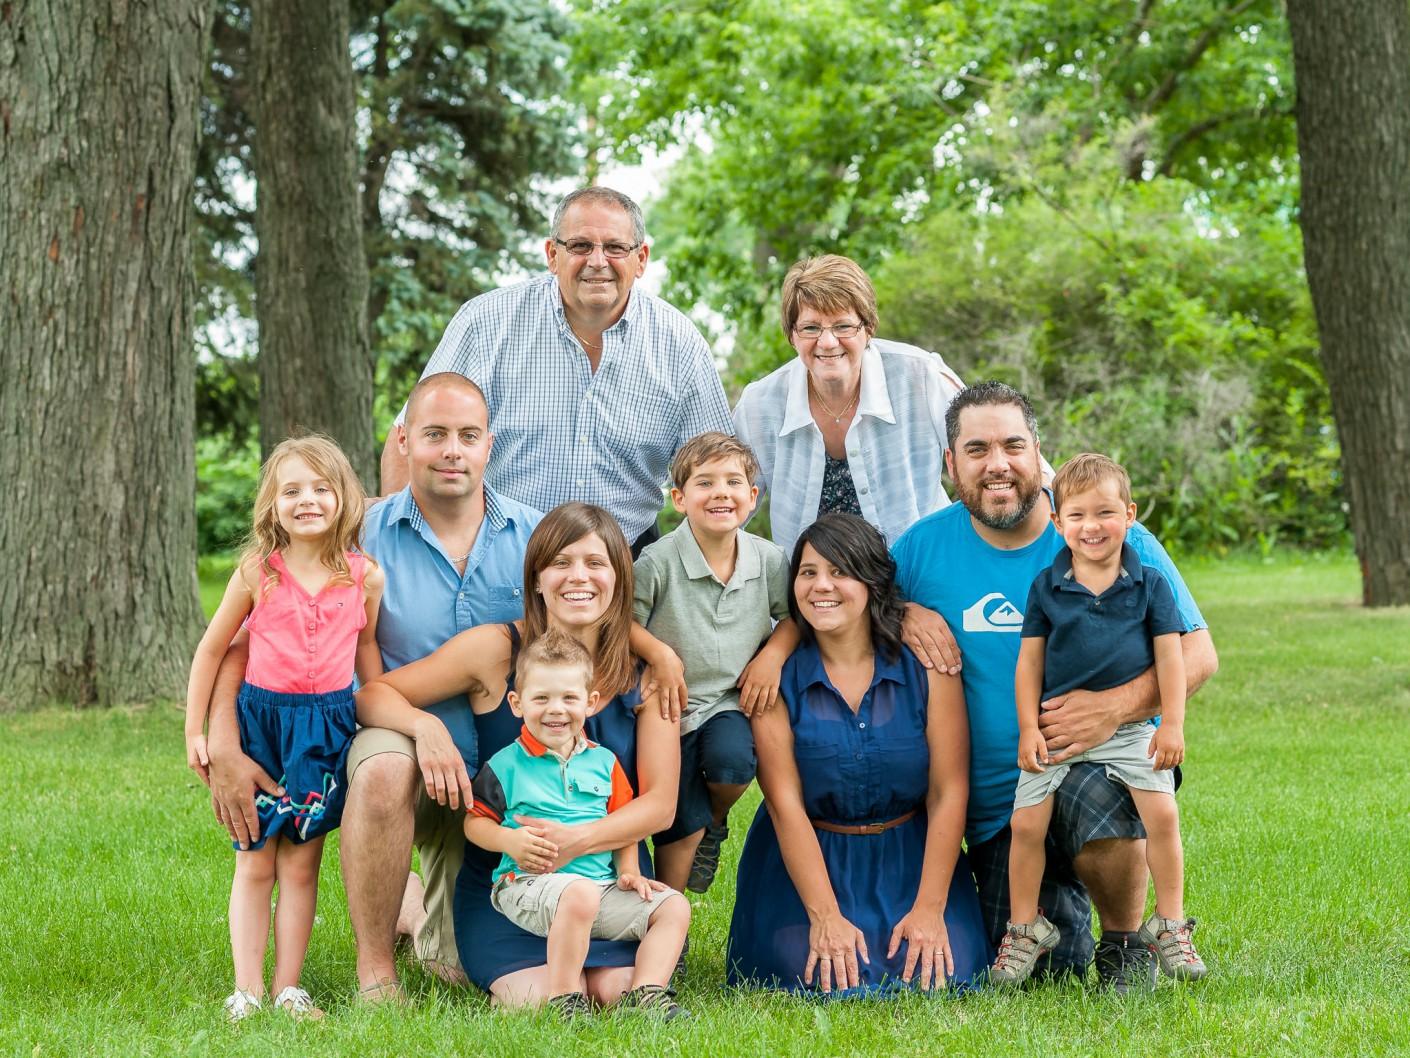 Famille : La grande famille Béland -, KW: Parc